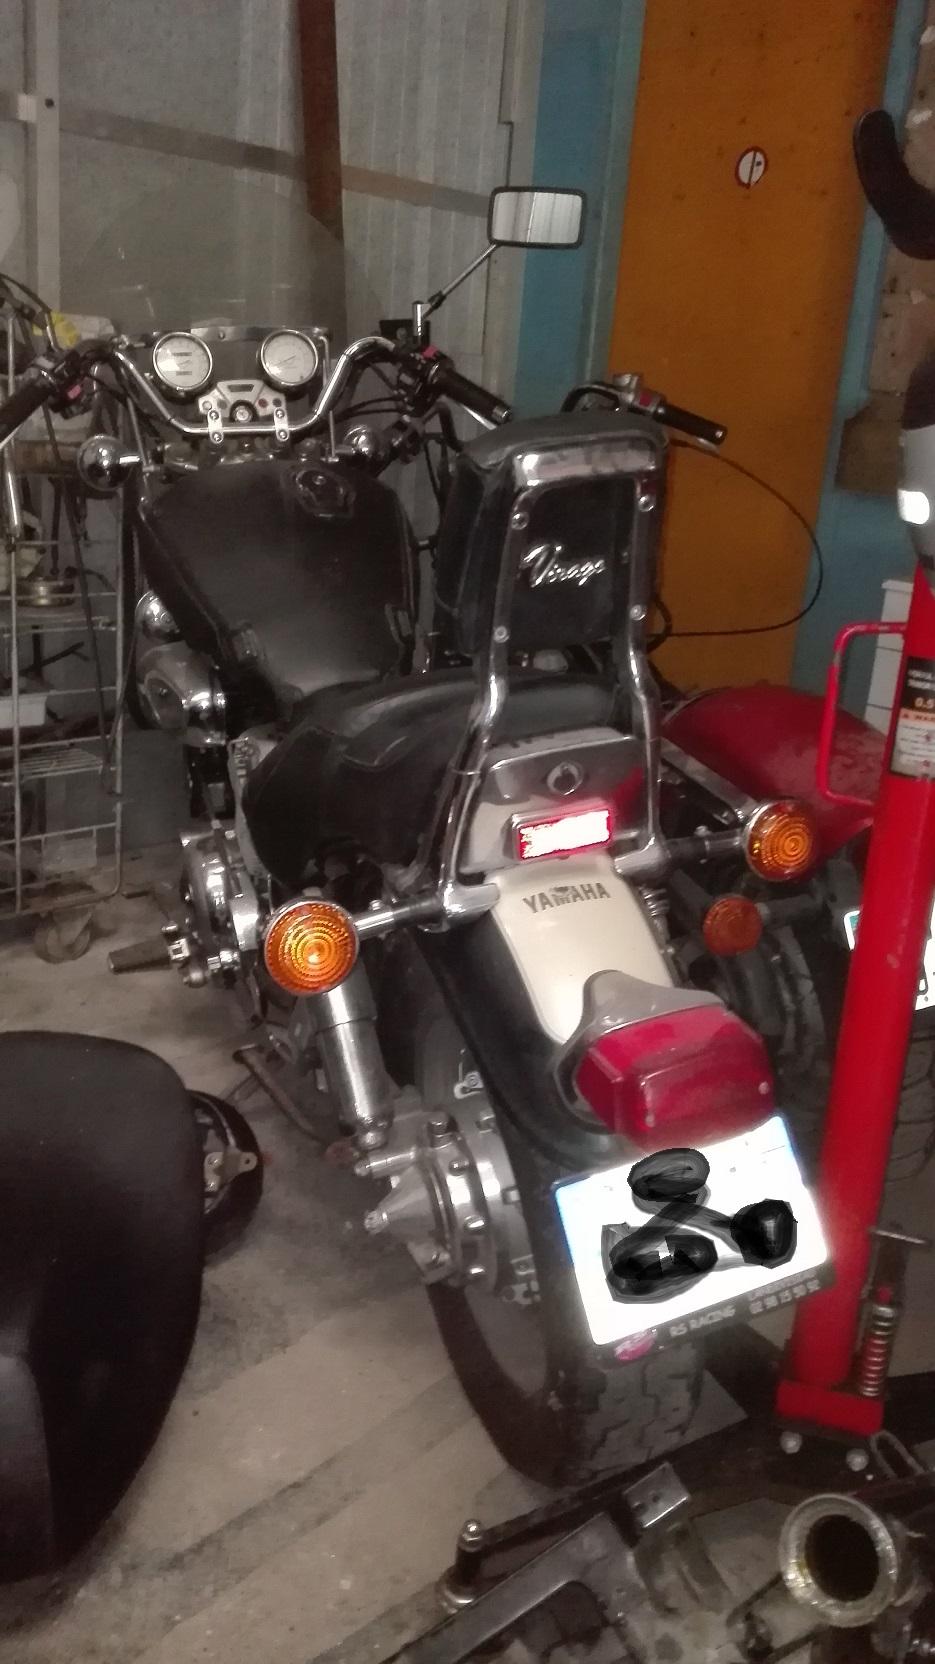 Yamaha Virago 1100 XV Img_2060